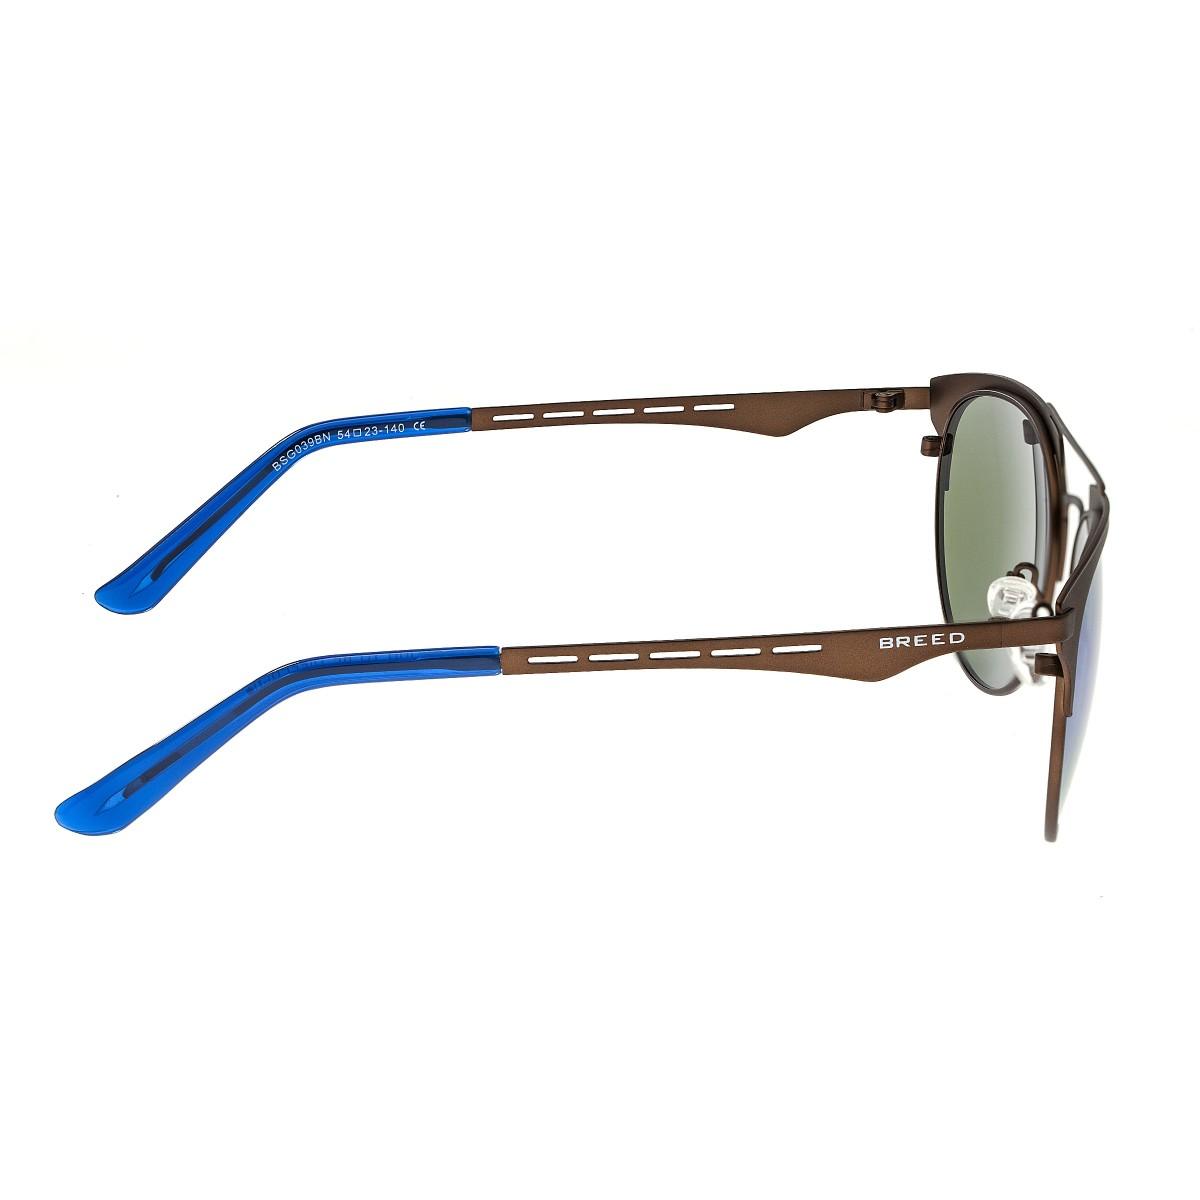 add6099f6eab Breed Hercules Titanium Polarized Sunglasses - Brown/Blue BSG039BN ...